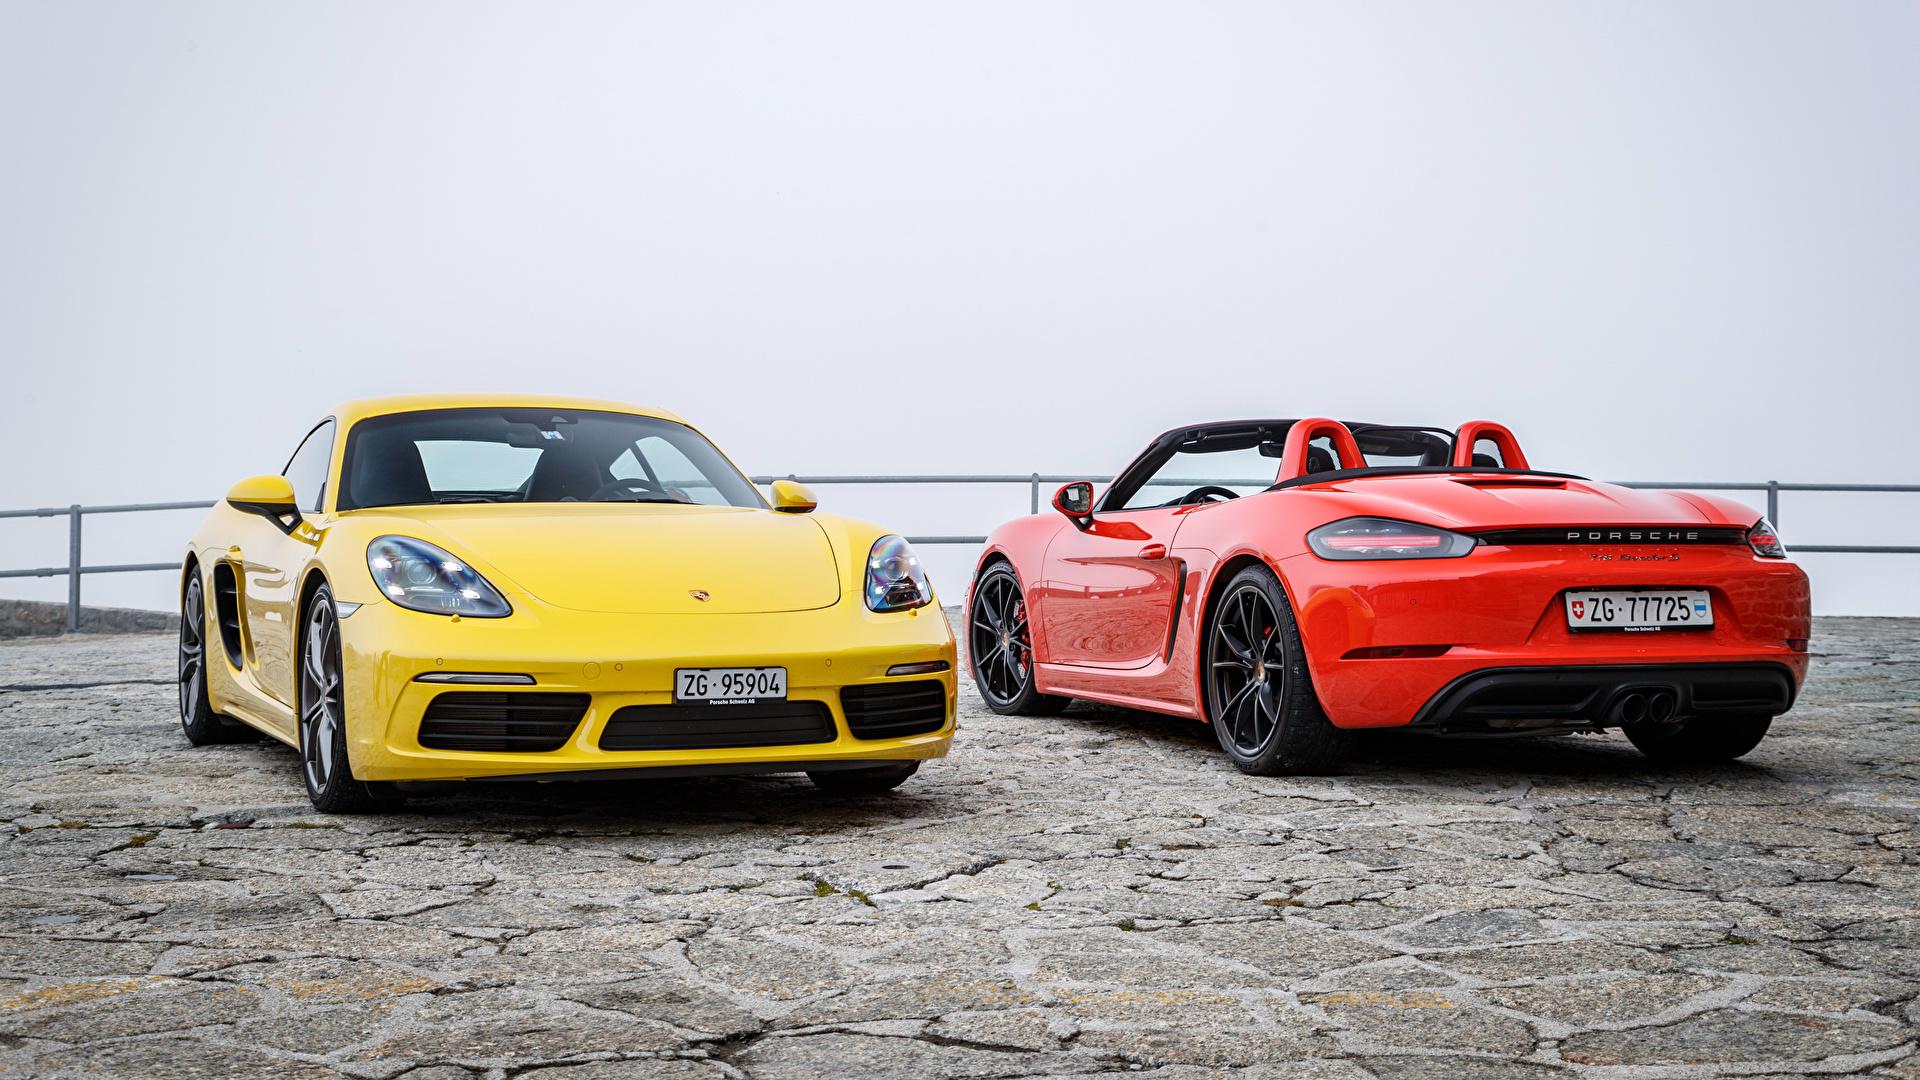 Картинка Porsche 718 Двое Металлик автомобиль 1920x1080 Порше 2 два две вдвоем авто машина машины Автомобили